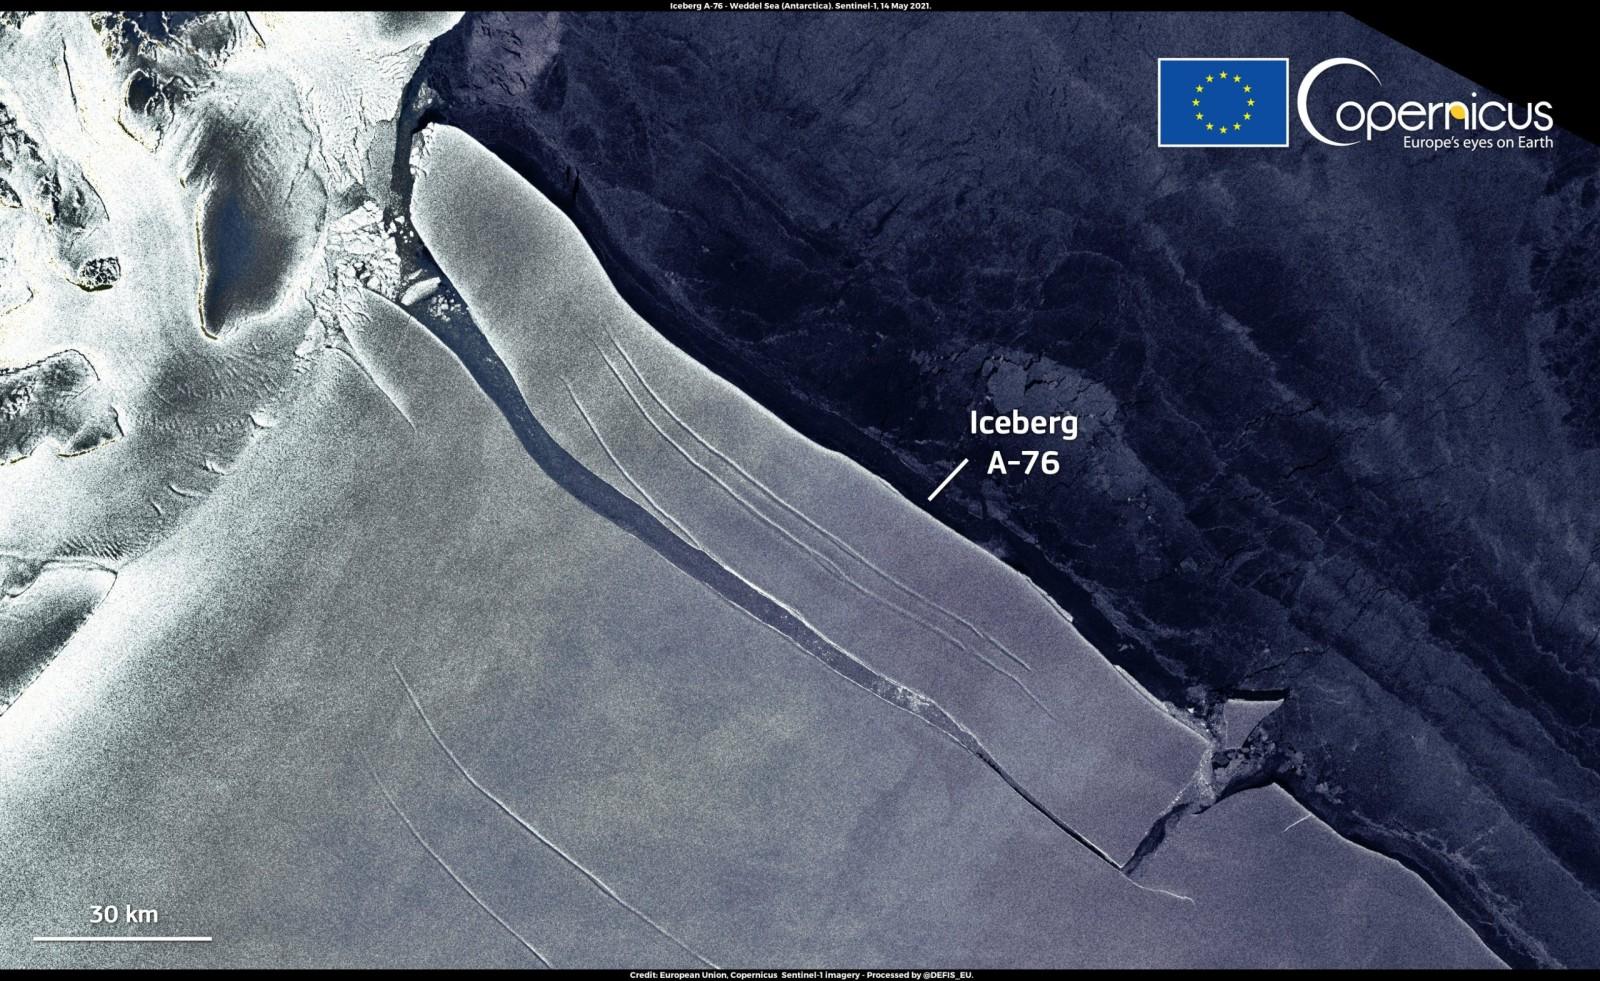 a-76 iceberg satellite image